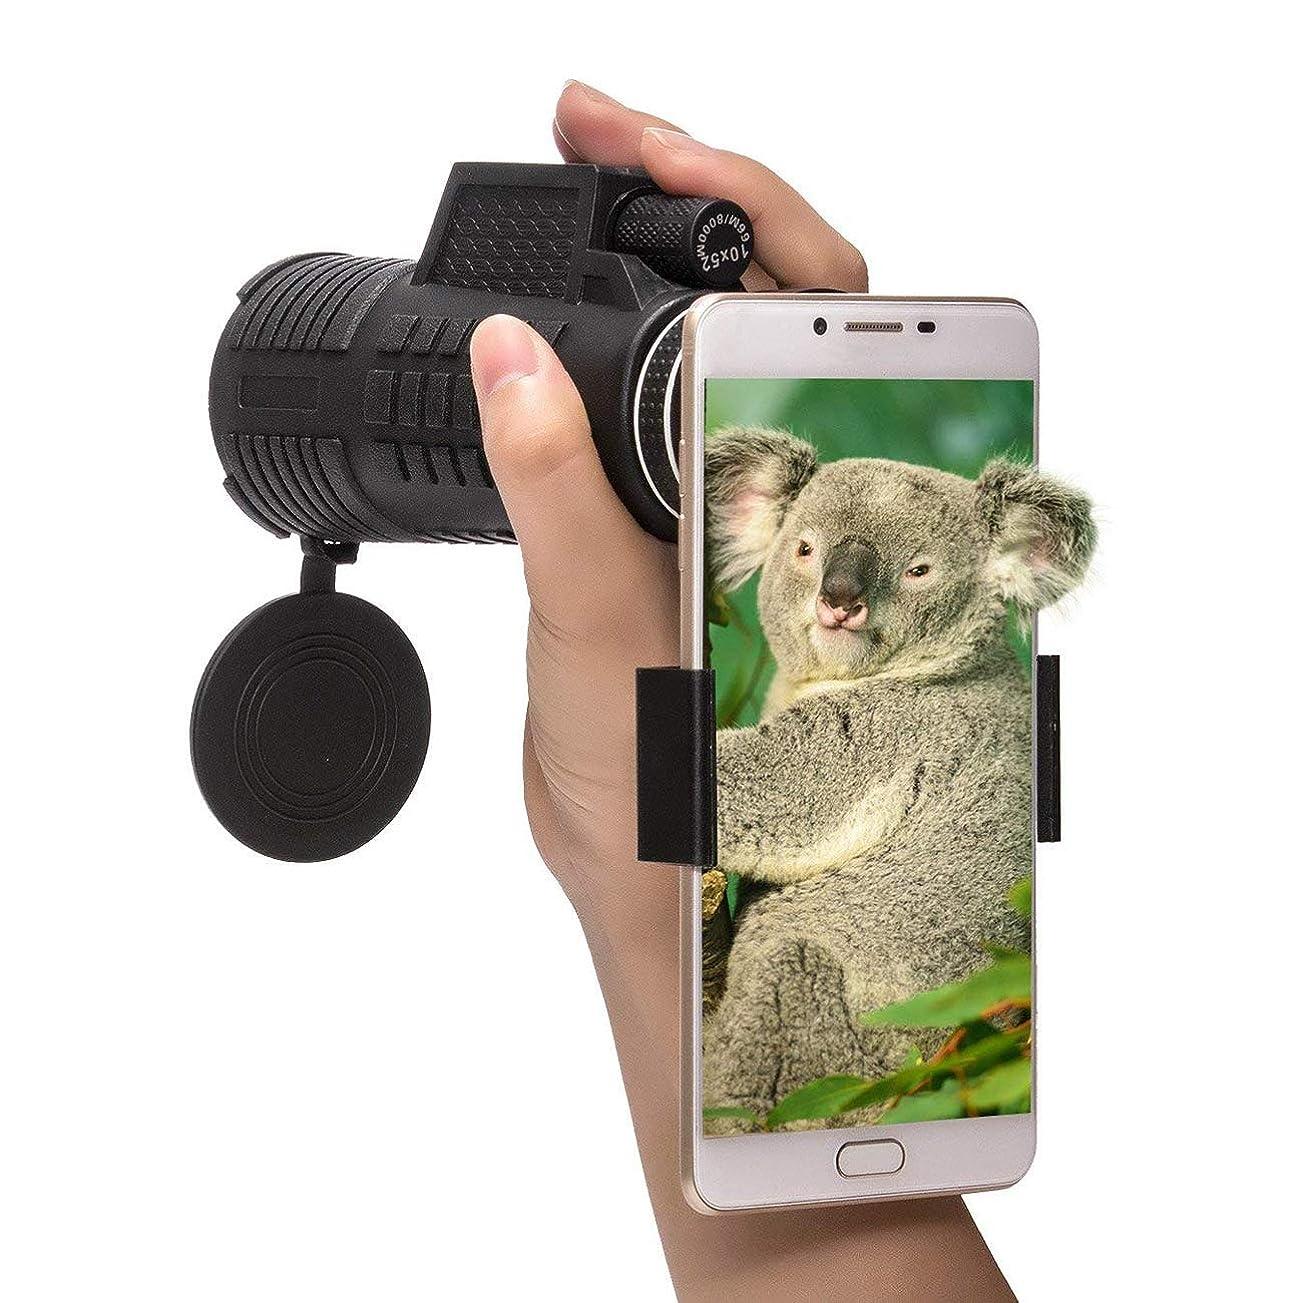 愛撫猛烈な羨望40x60単眼望遠鏡HD単眼ミリタリーミニナイトビジョン防水防曇霧防止キャンドルキャメラ用アダプター三脚鳥観察ウォーキングトラベルガーデンNature Animals Hunting